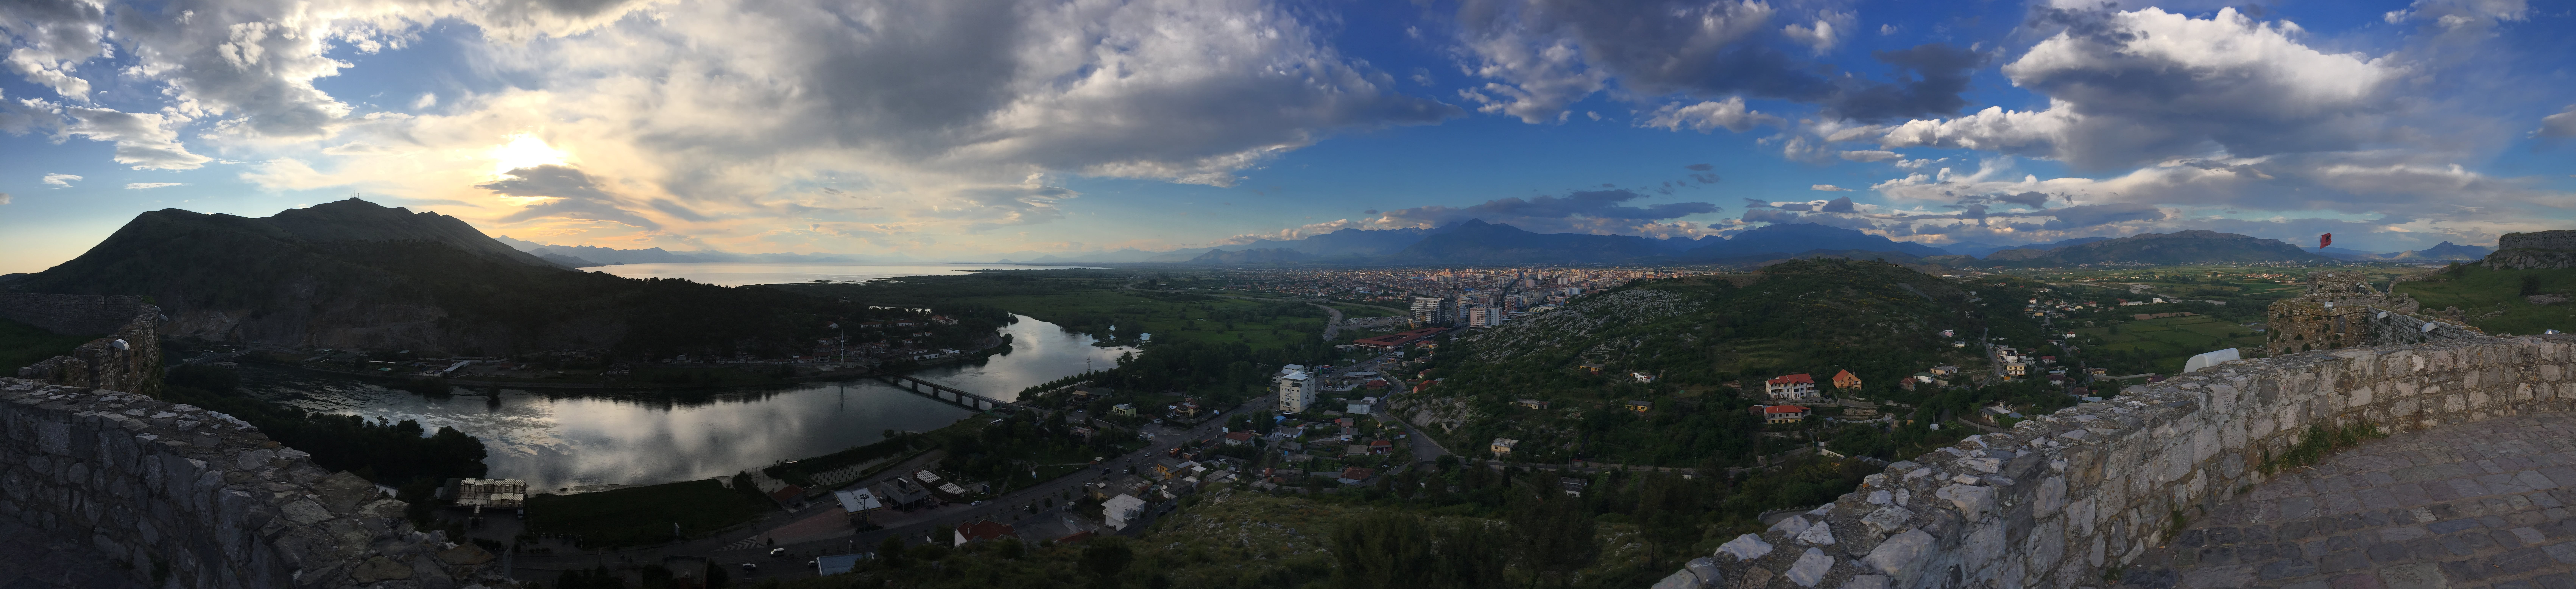 Panorama from Rozafa Castle in Shkodër, Albania